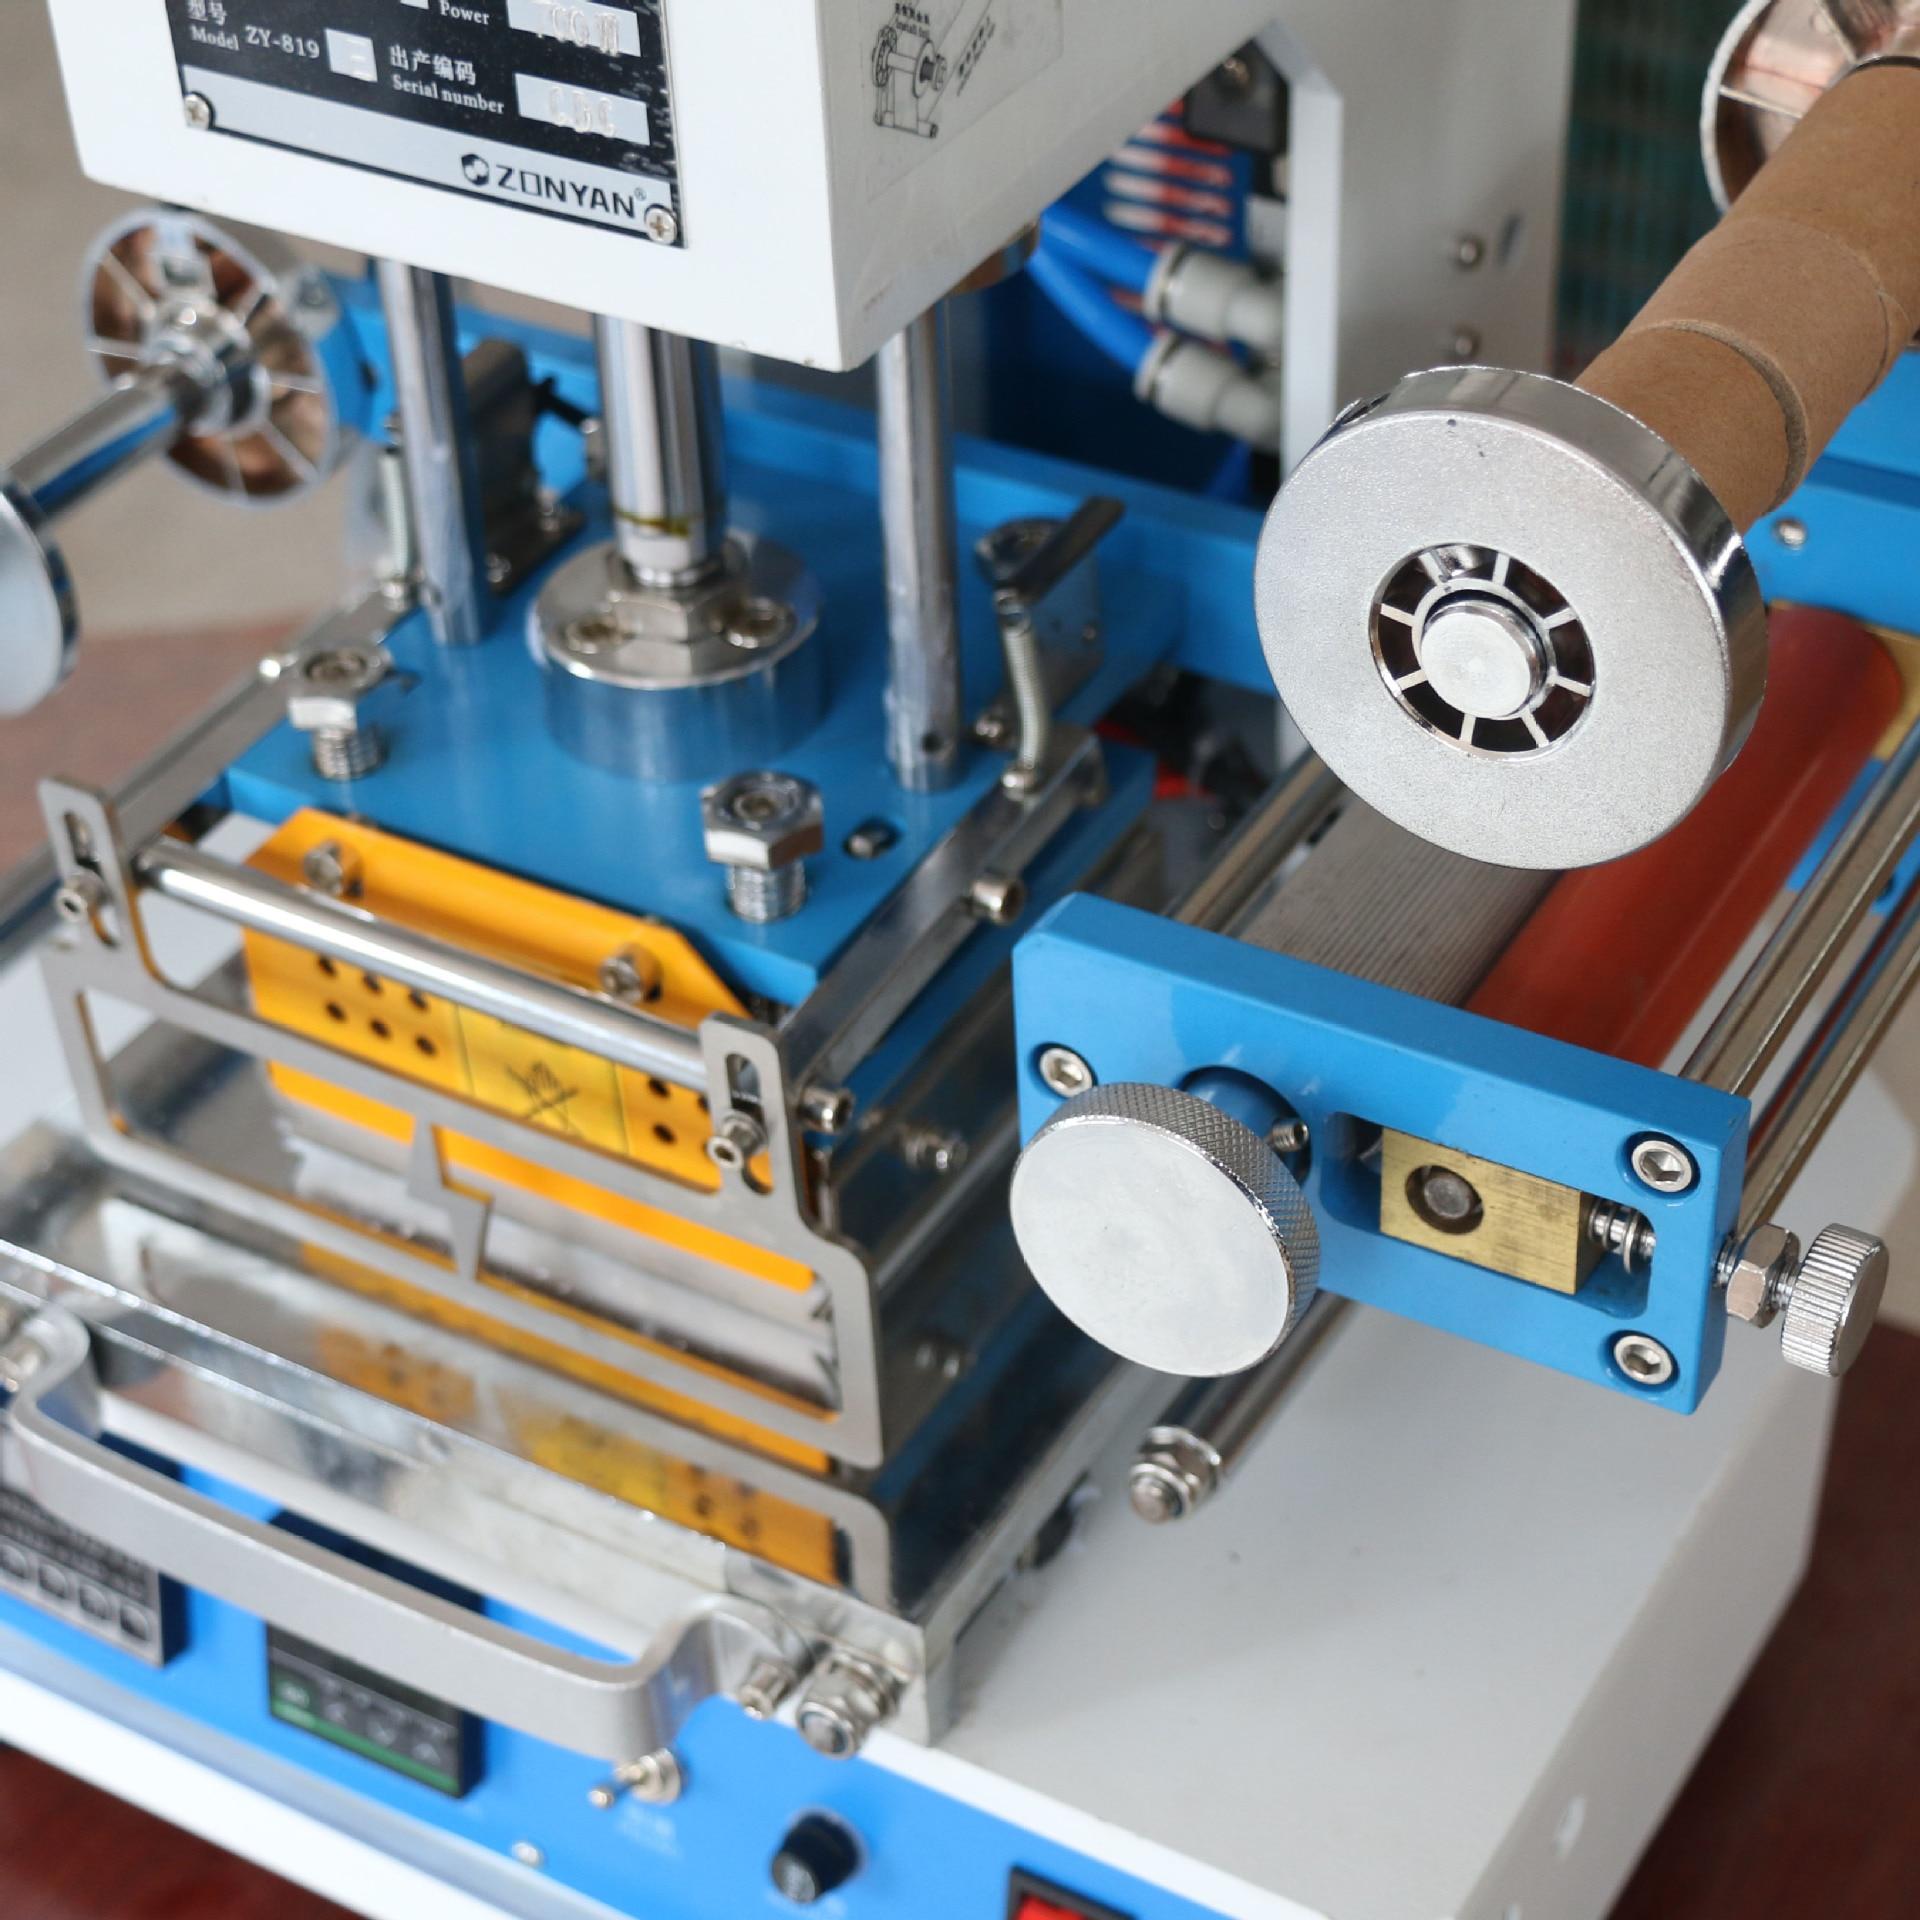 ZY-819E Automatische Stanzen Maschine, leder LOGO Rillen maschine, druck wörter maschine, LOGO stampler, name karte stanzen maschine